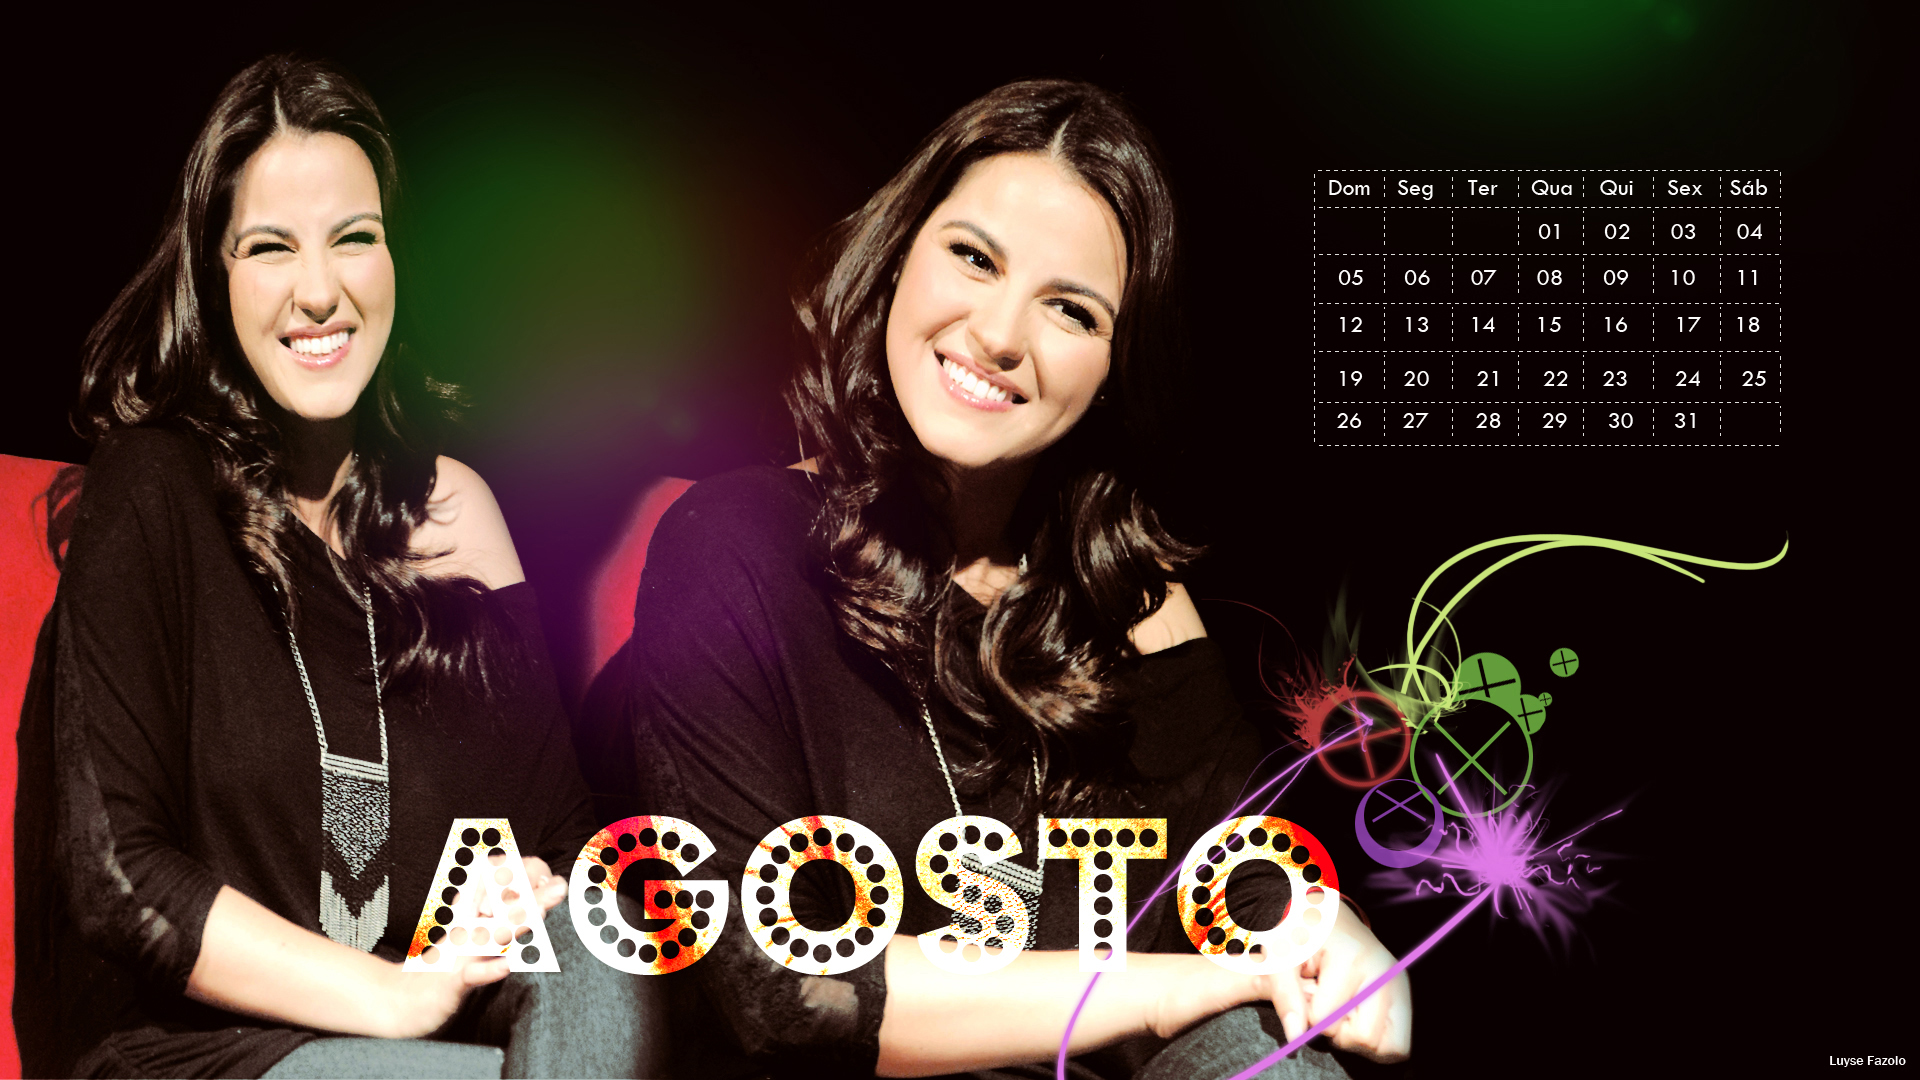 Especial: Calendário Maite Perroni 2012